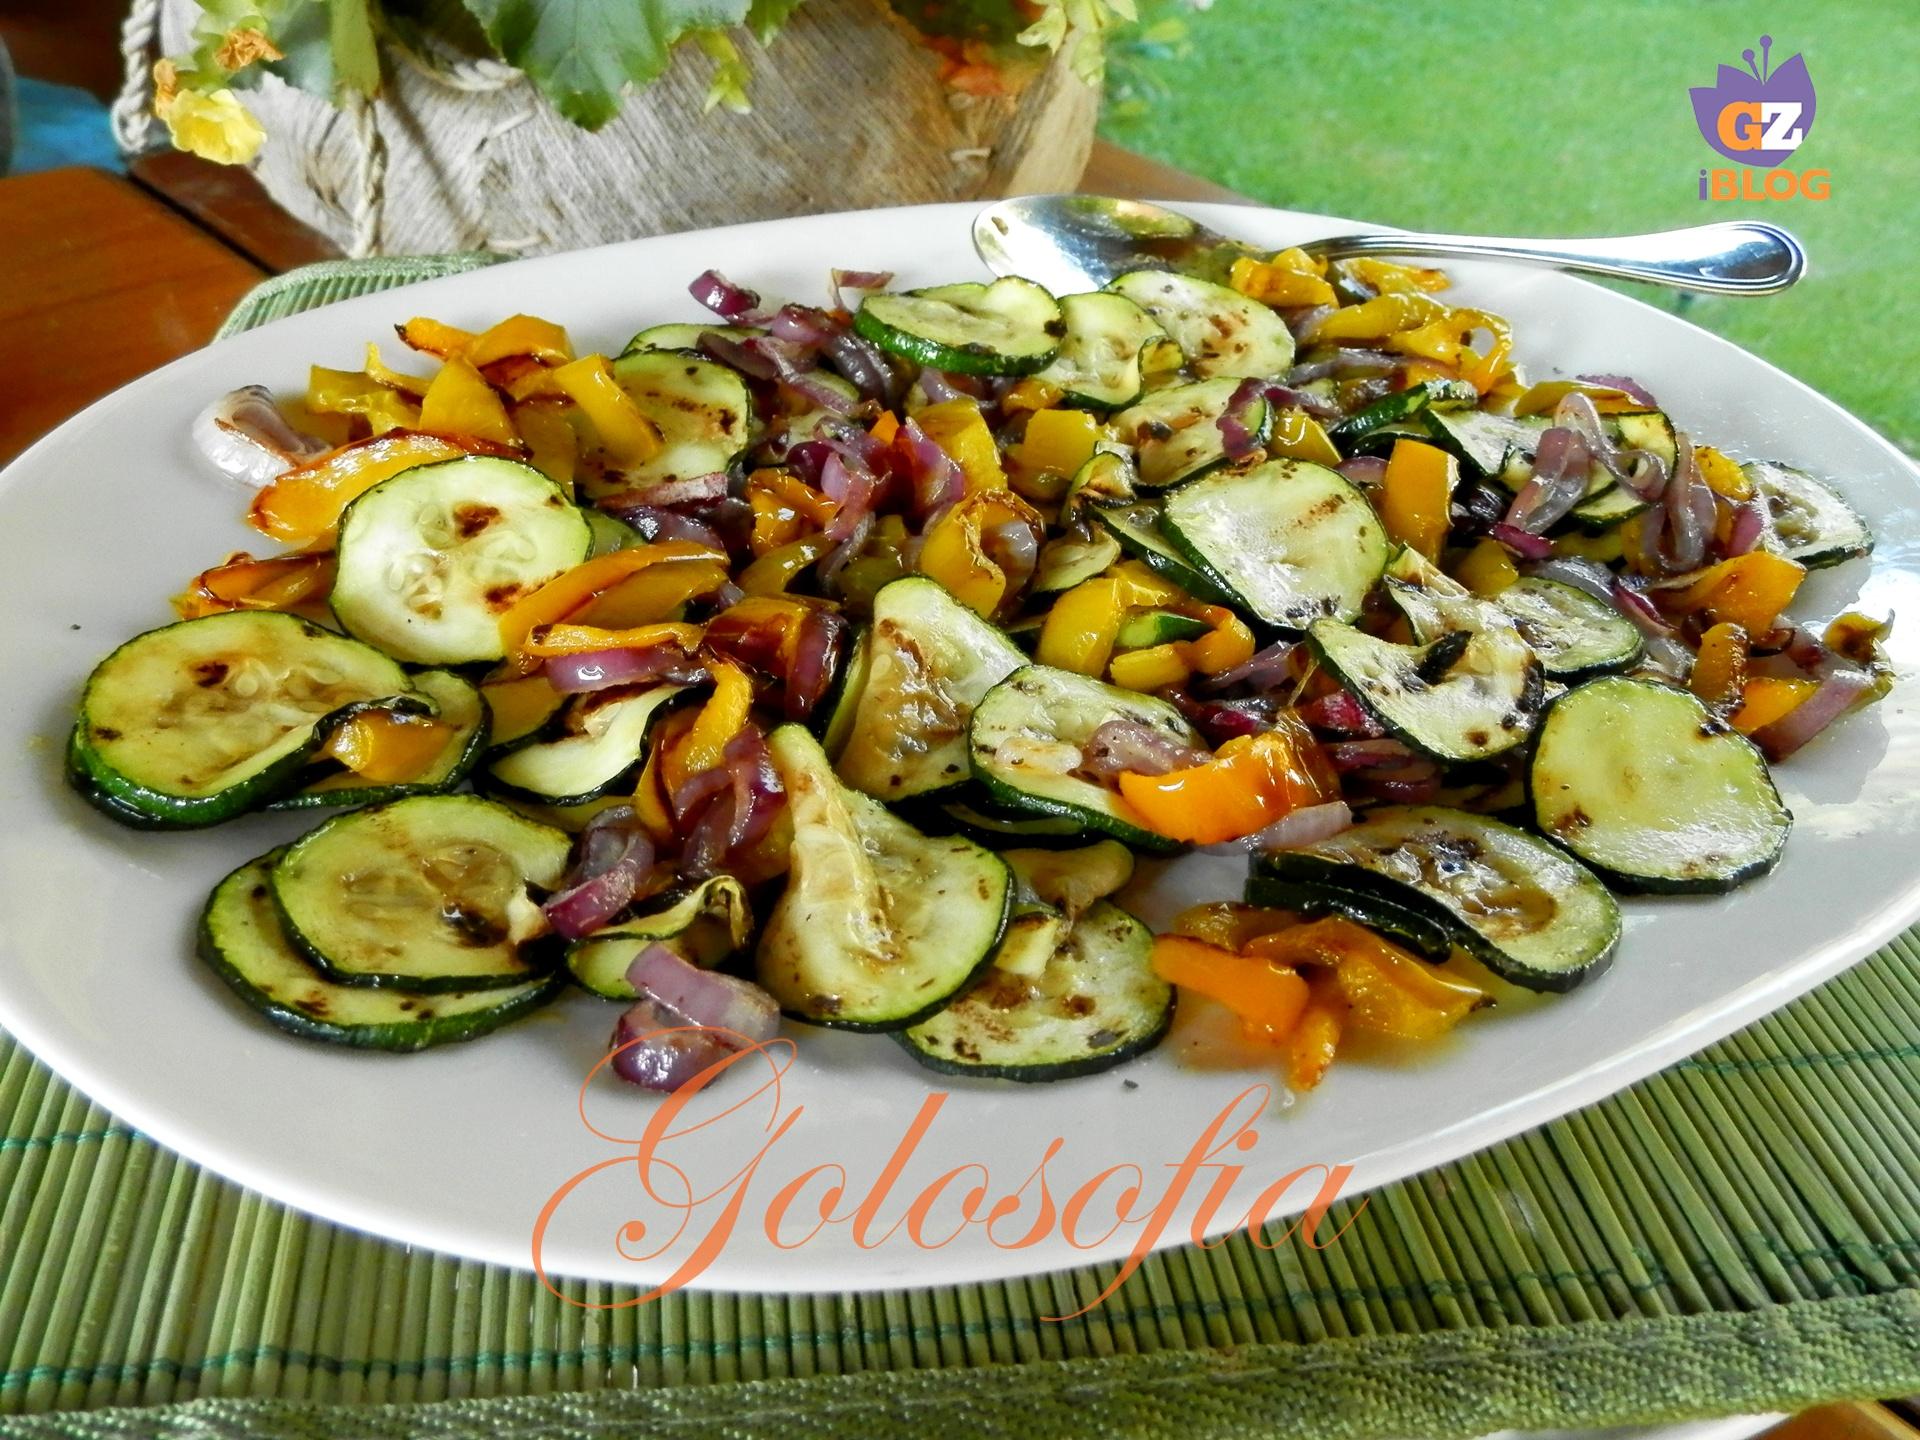 Ricetta Verdure Miste Cotte.Verdure Miste Ricetta Light Al Crisp